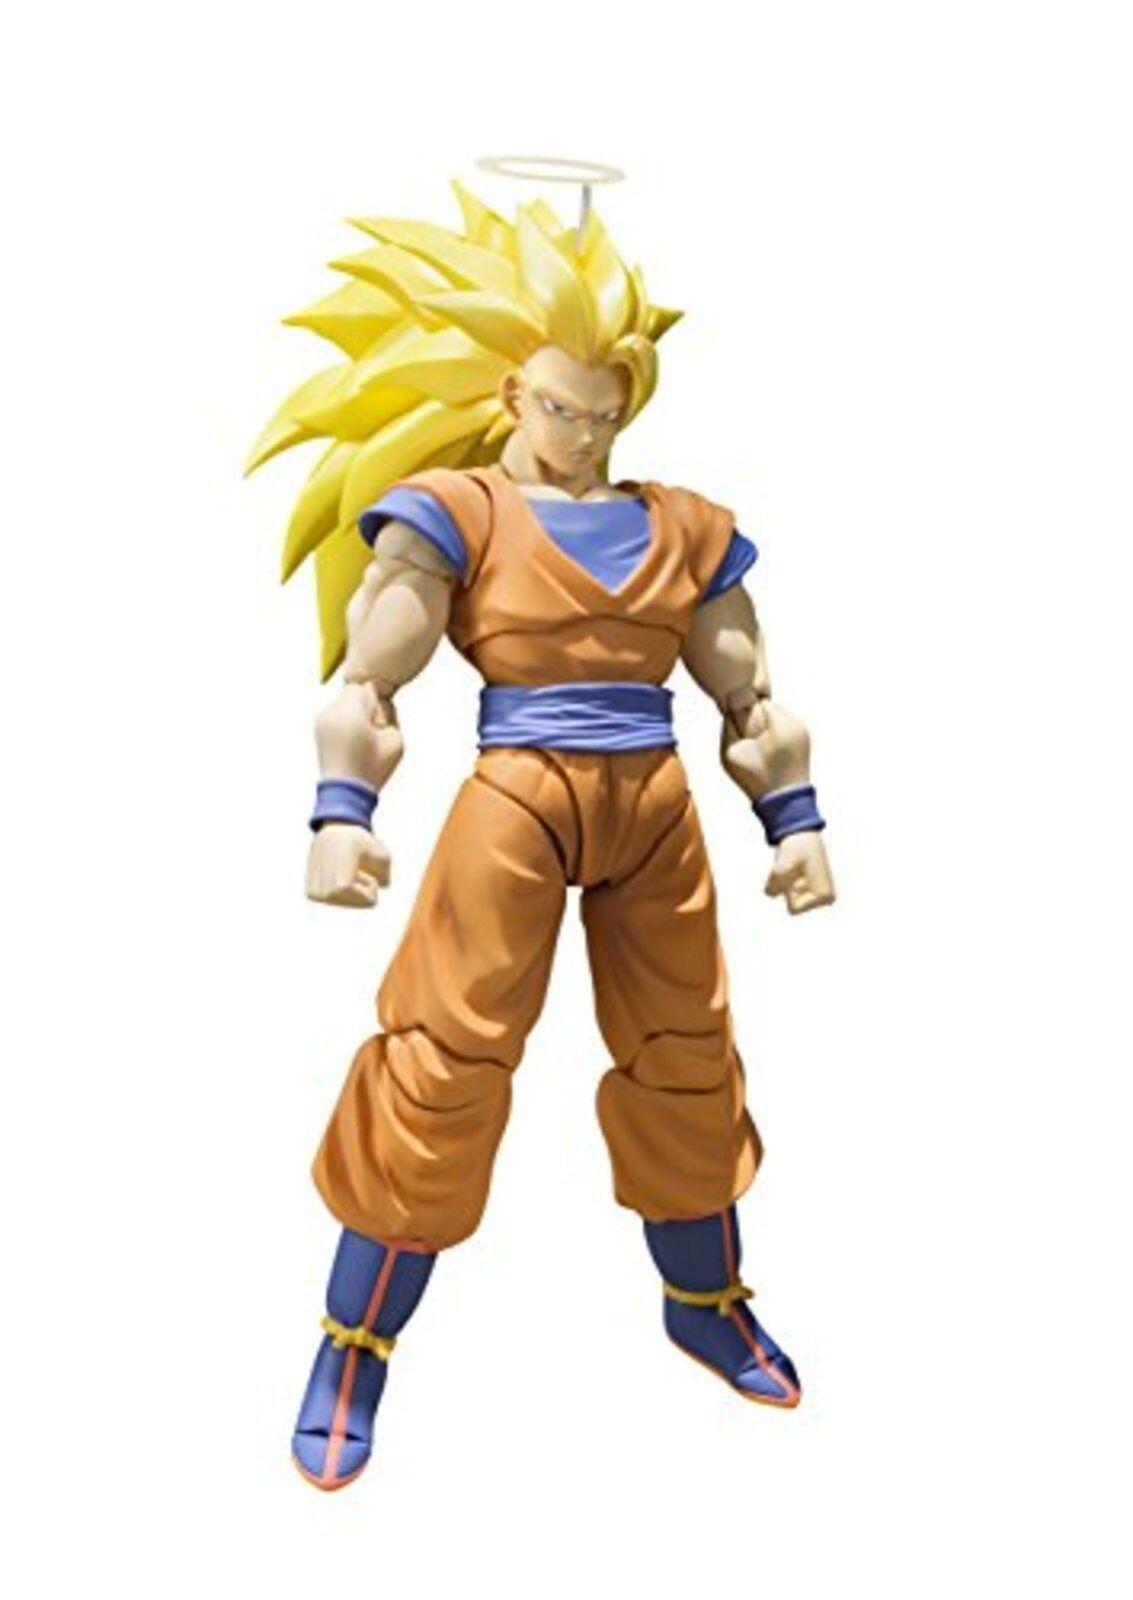 Dragon Ball S.H.Figuarts Super Saiyan 3 Son Goku ACTION FIGURE gokou F/S wTrack